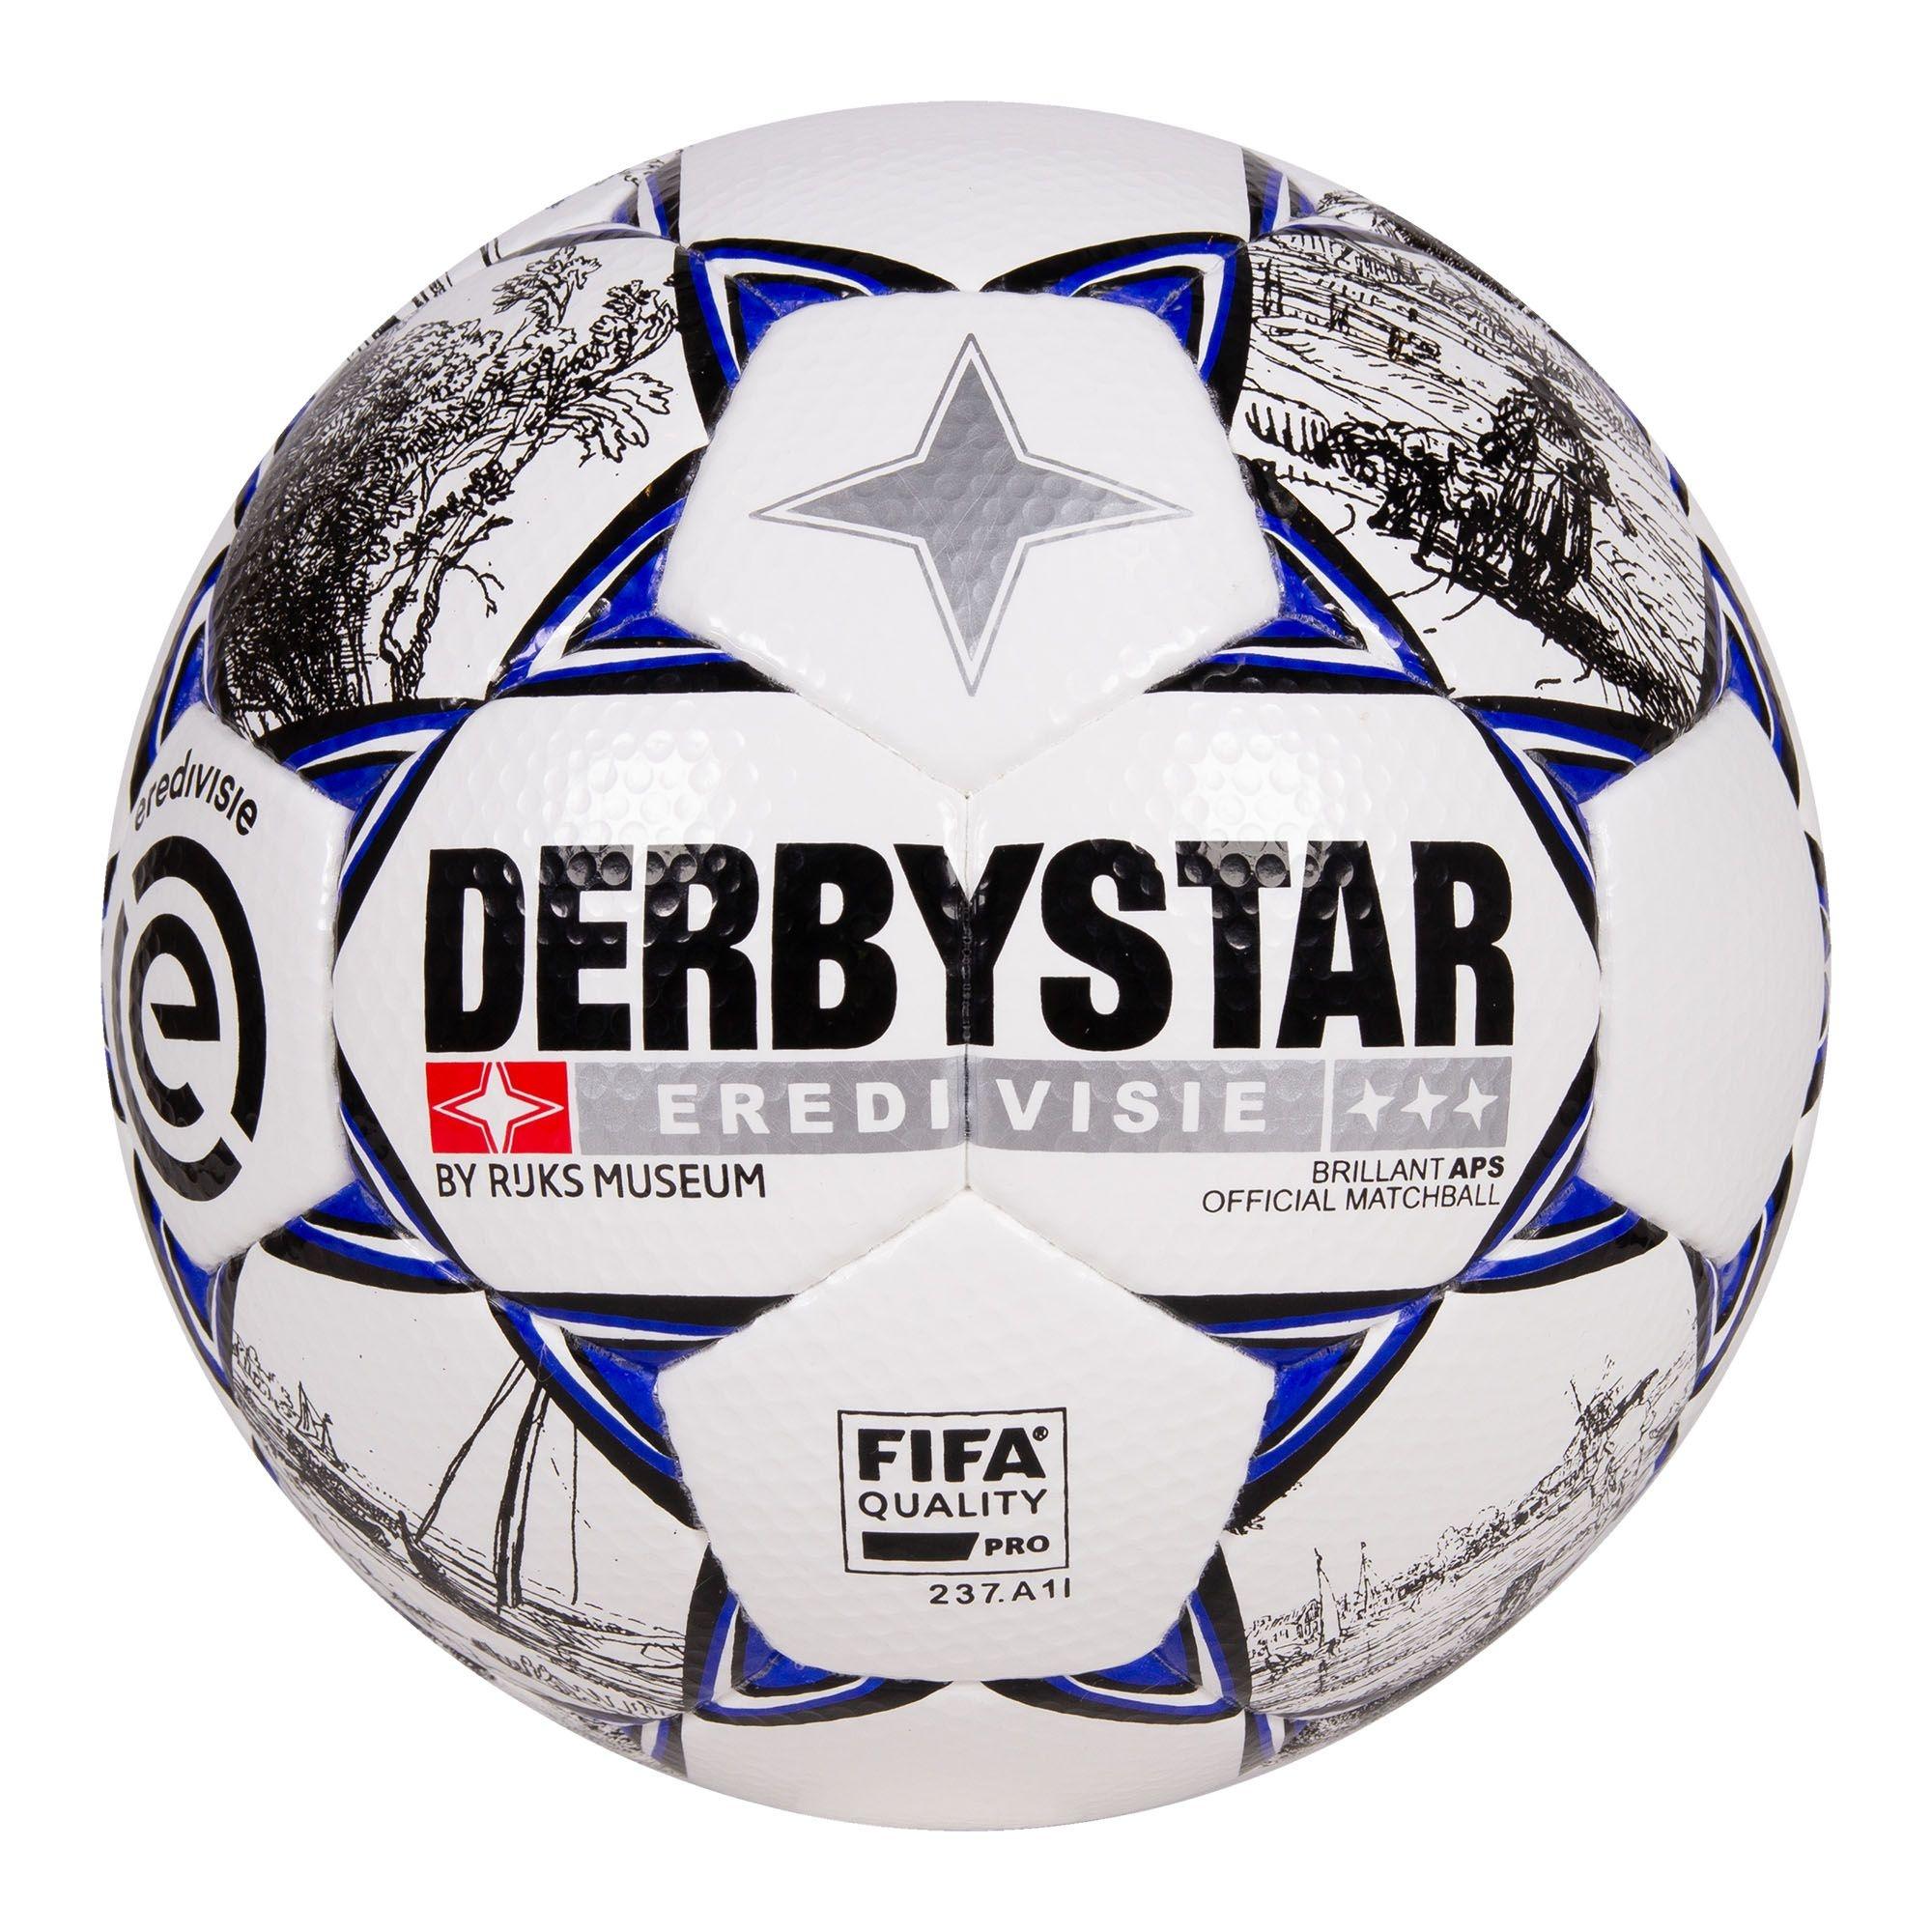 DerbystarEredivisie Brillant APS 19/20